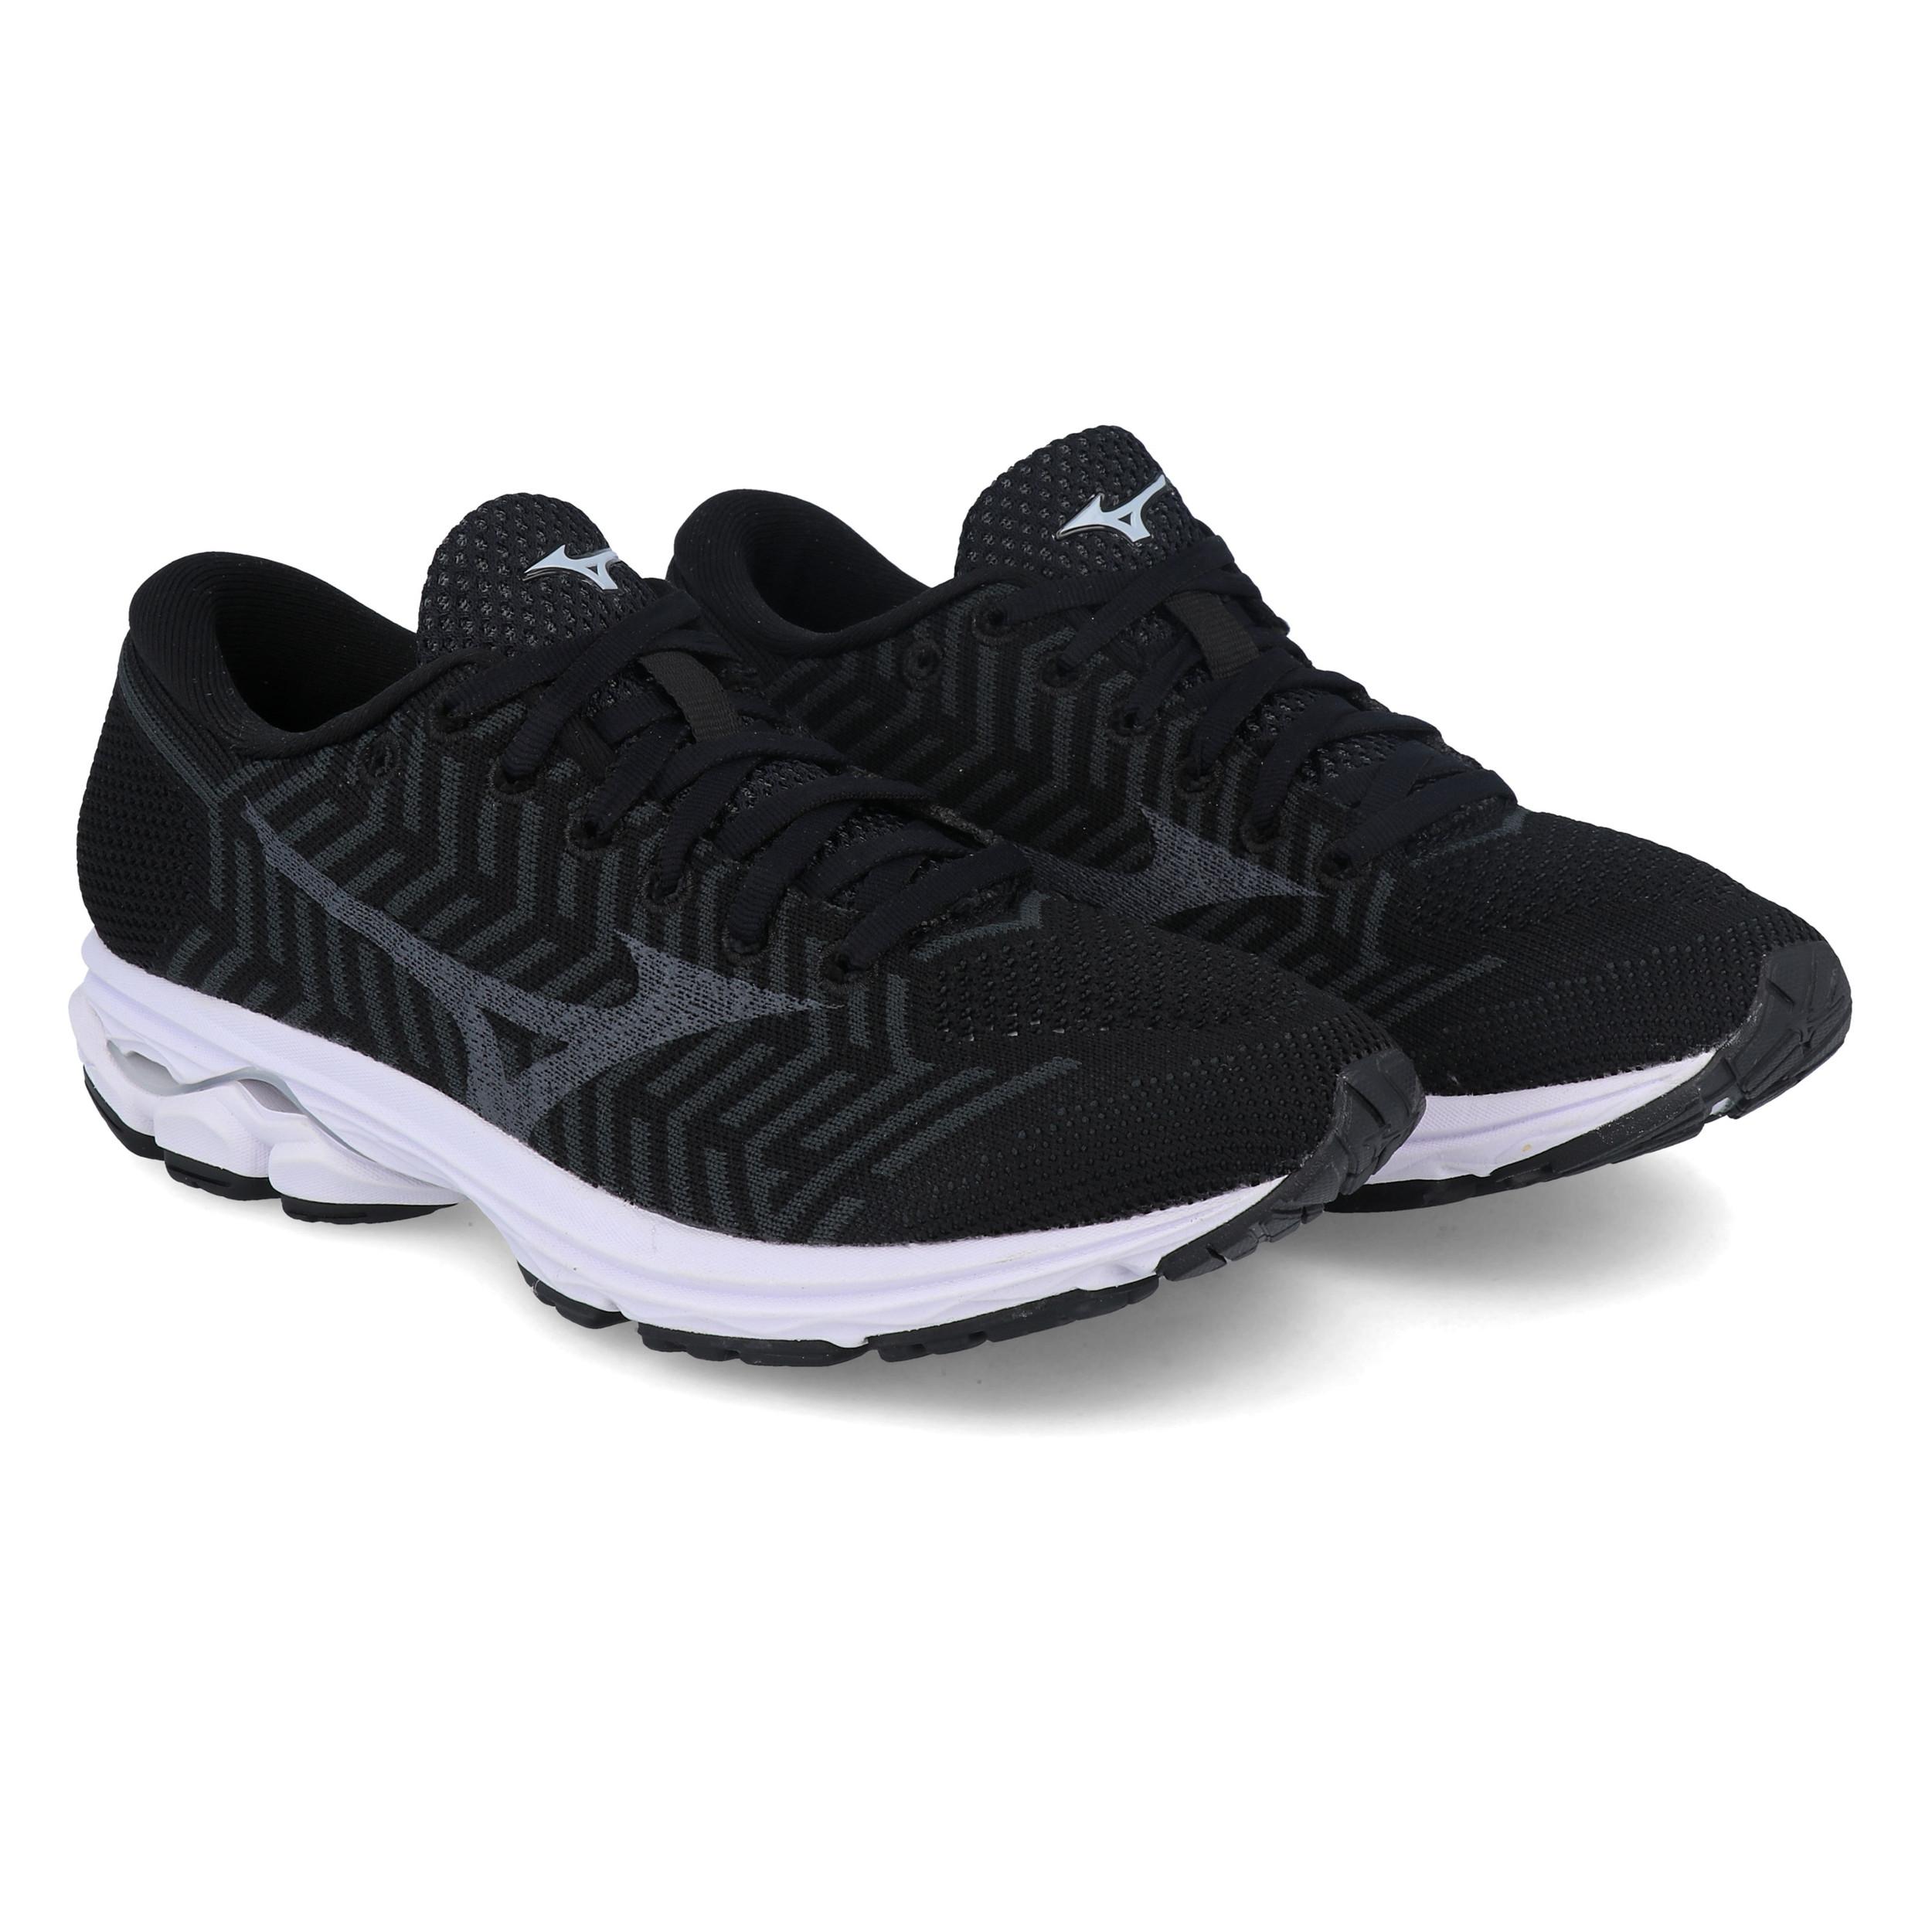 Mizuno Wave Rider Wave Knit R2 Women's Running Shoes